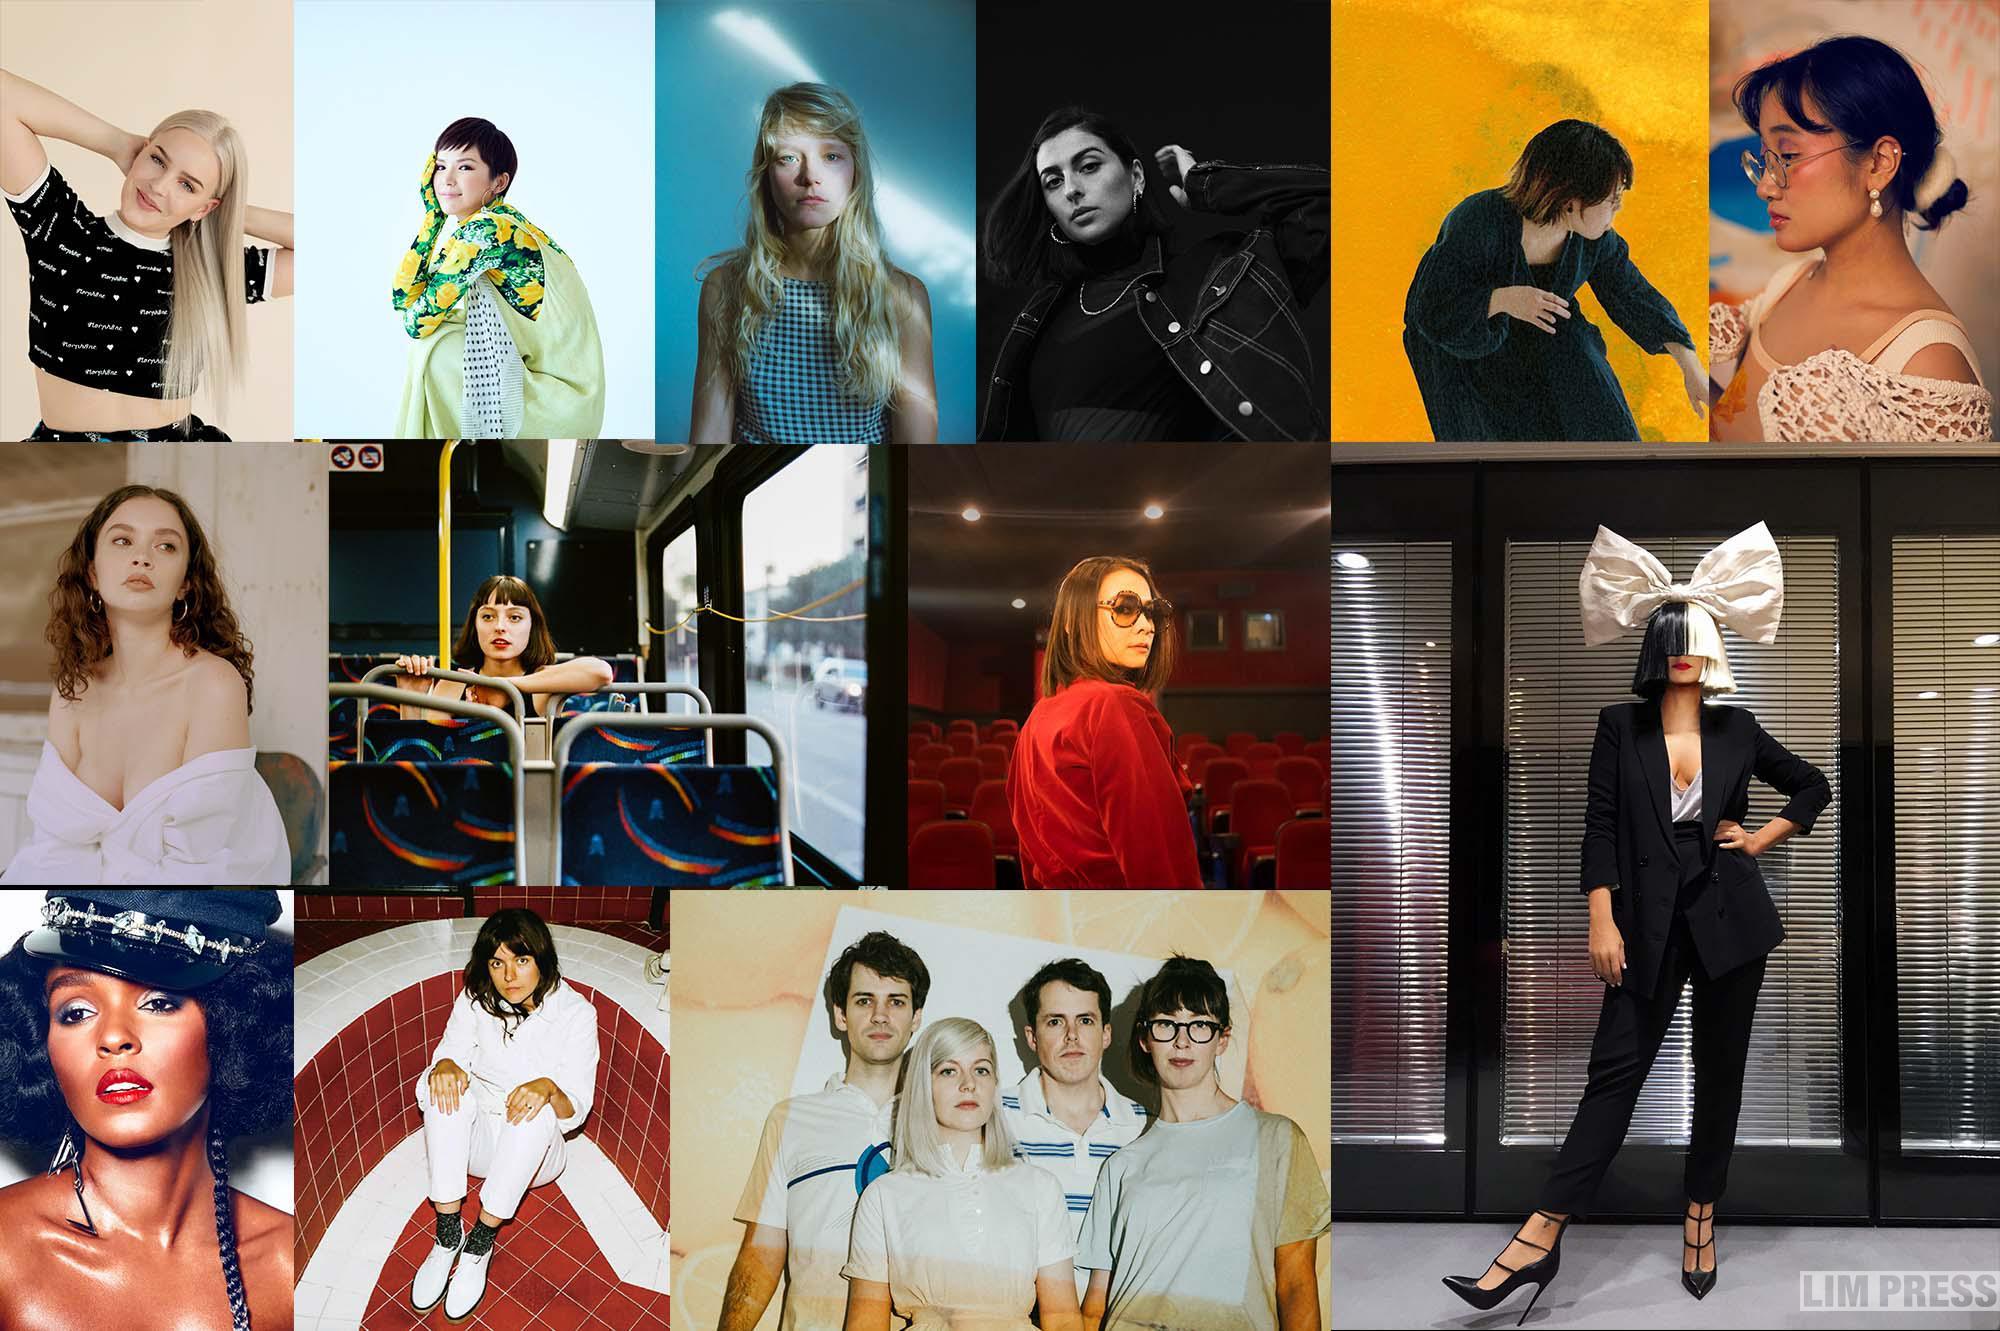 これからの時代は女性が牽引 ~Fuji Rock Festival '19を彩る女性アーティスト特集~